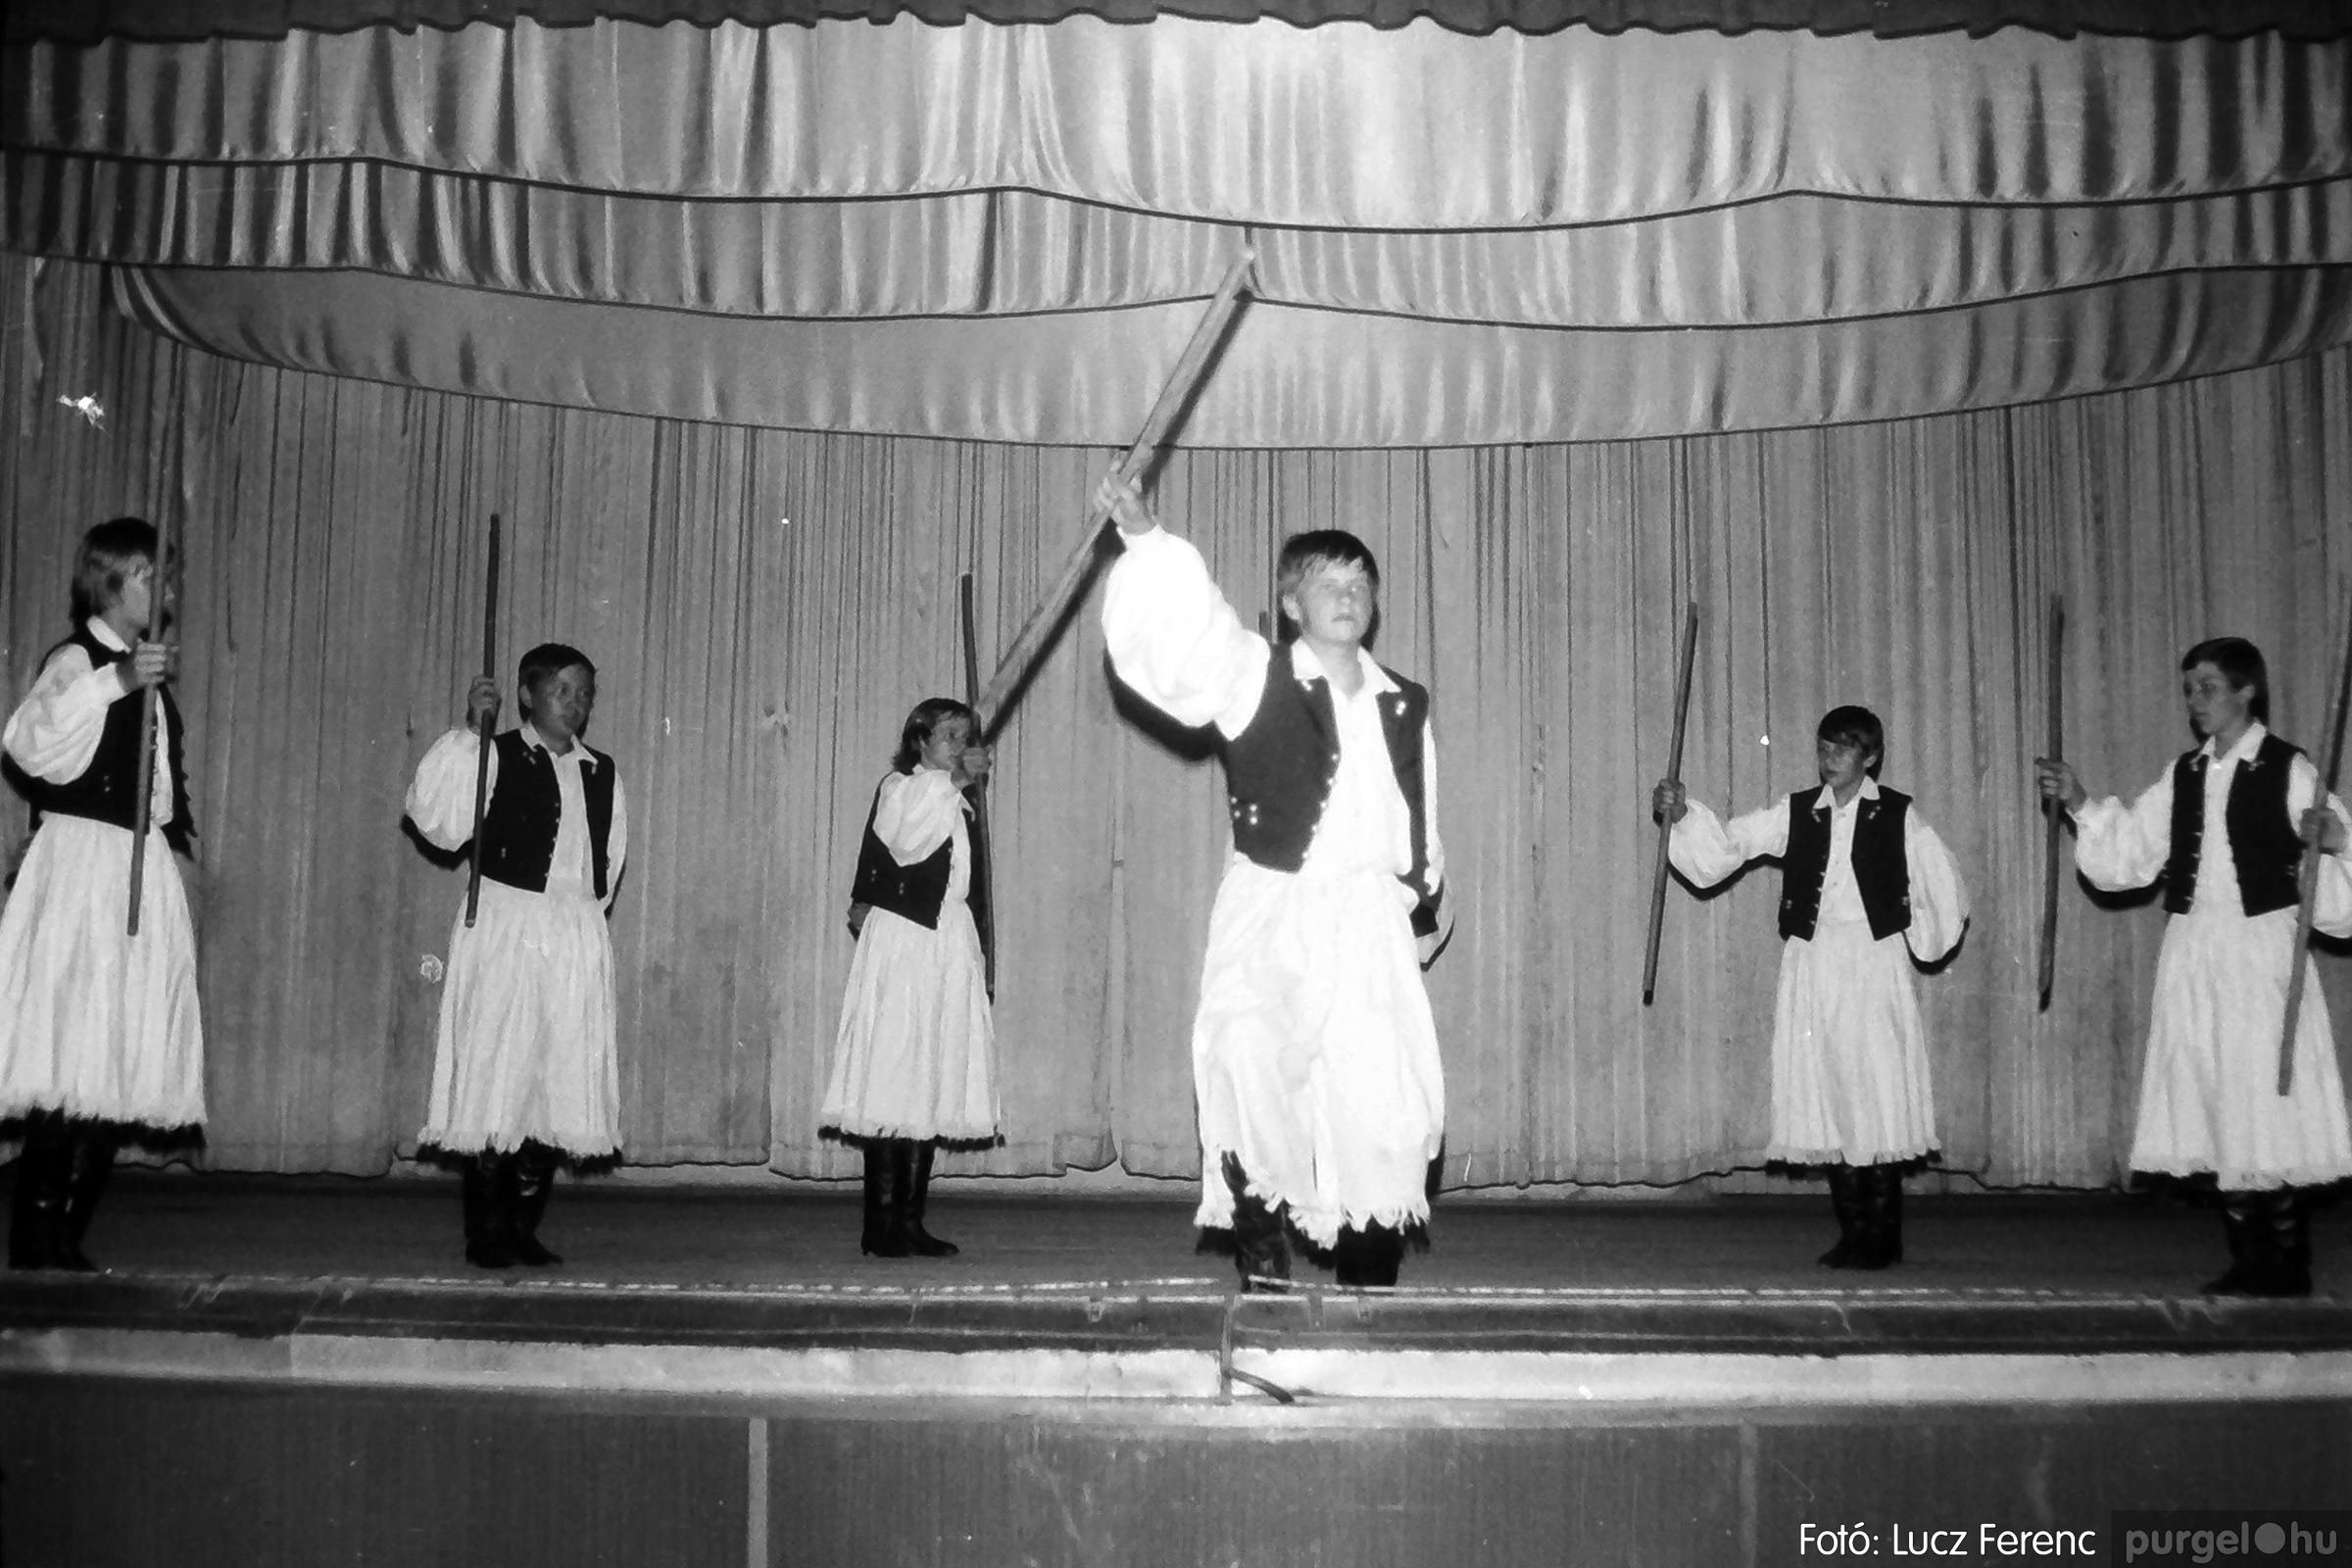 081. 1977. Néptáncosok fellépése a kultúrházban 008. - Fotó: Lucz Ferenc.jpg